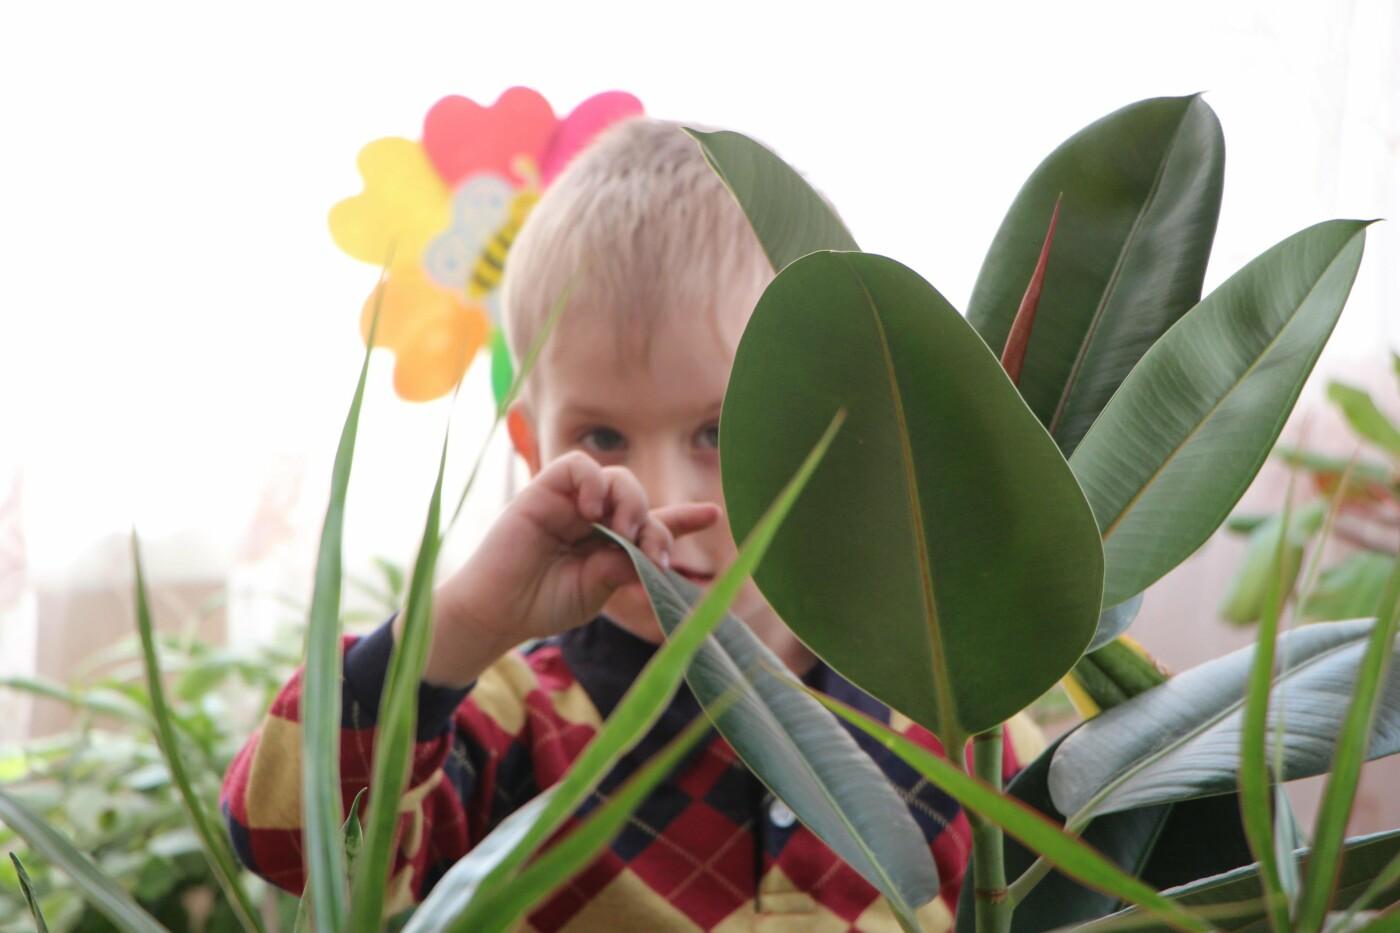 Познакомиться с будущим ребенком: как и почему волонтеры создают анкеты для запорожских сирот, фото-1